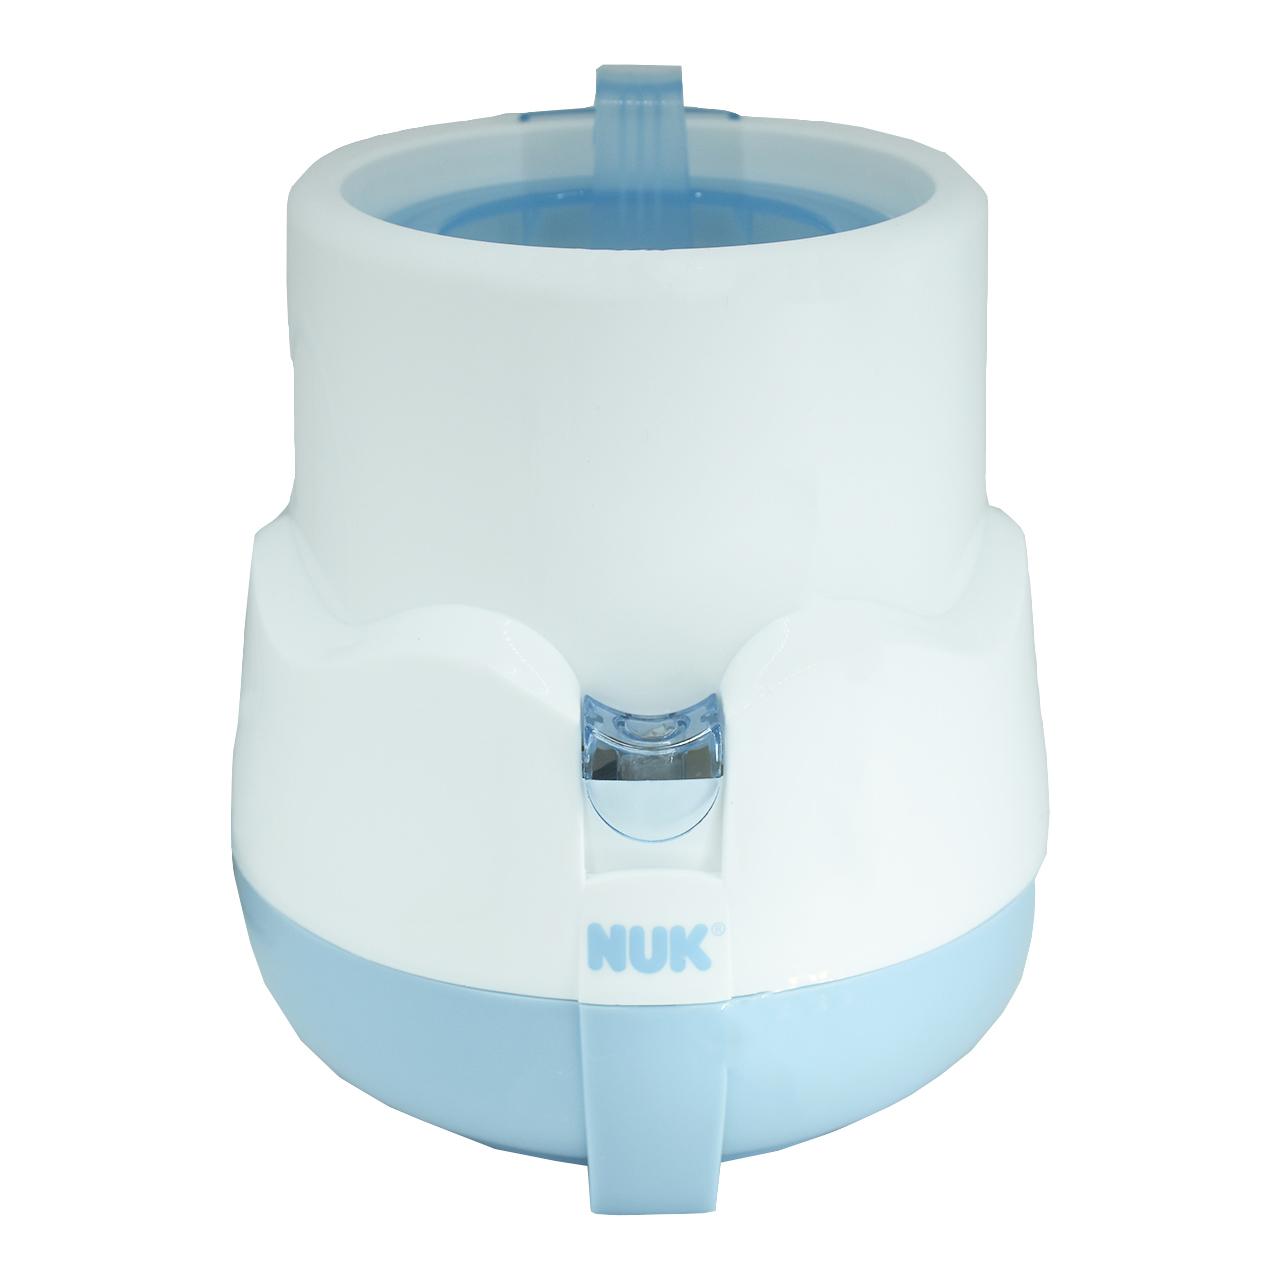 شیر گرمکن ناک مدل N256237